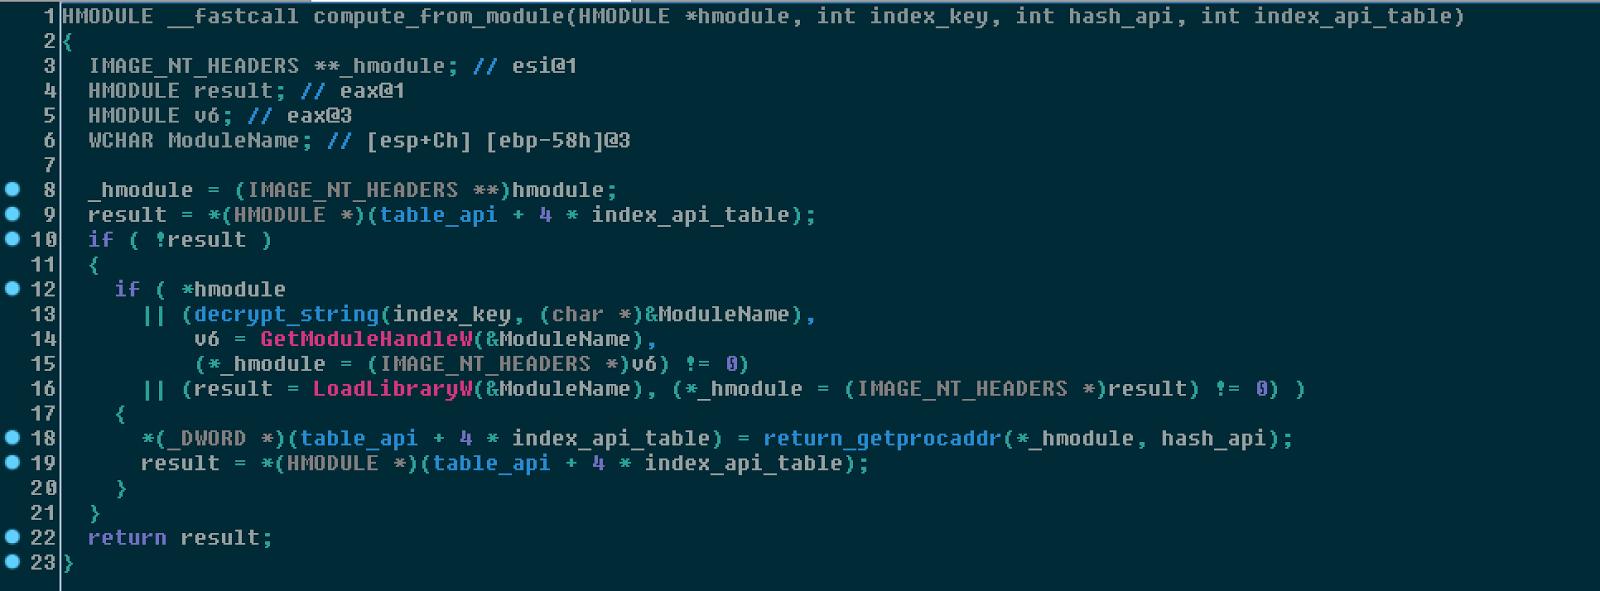 WordPress Ultimate Form Builder Lite SQL Injection